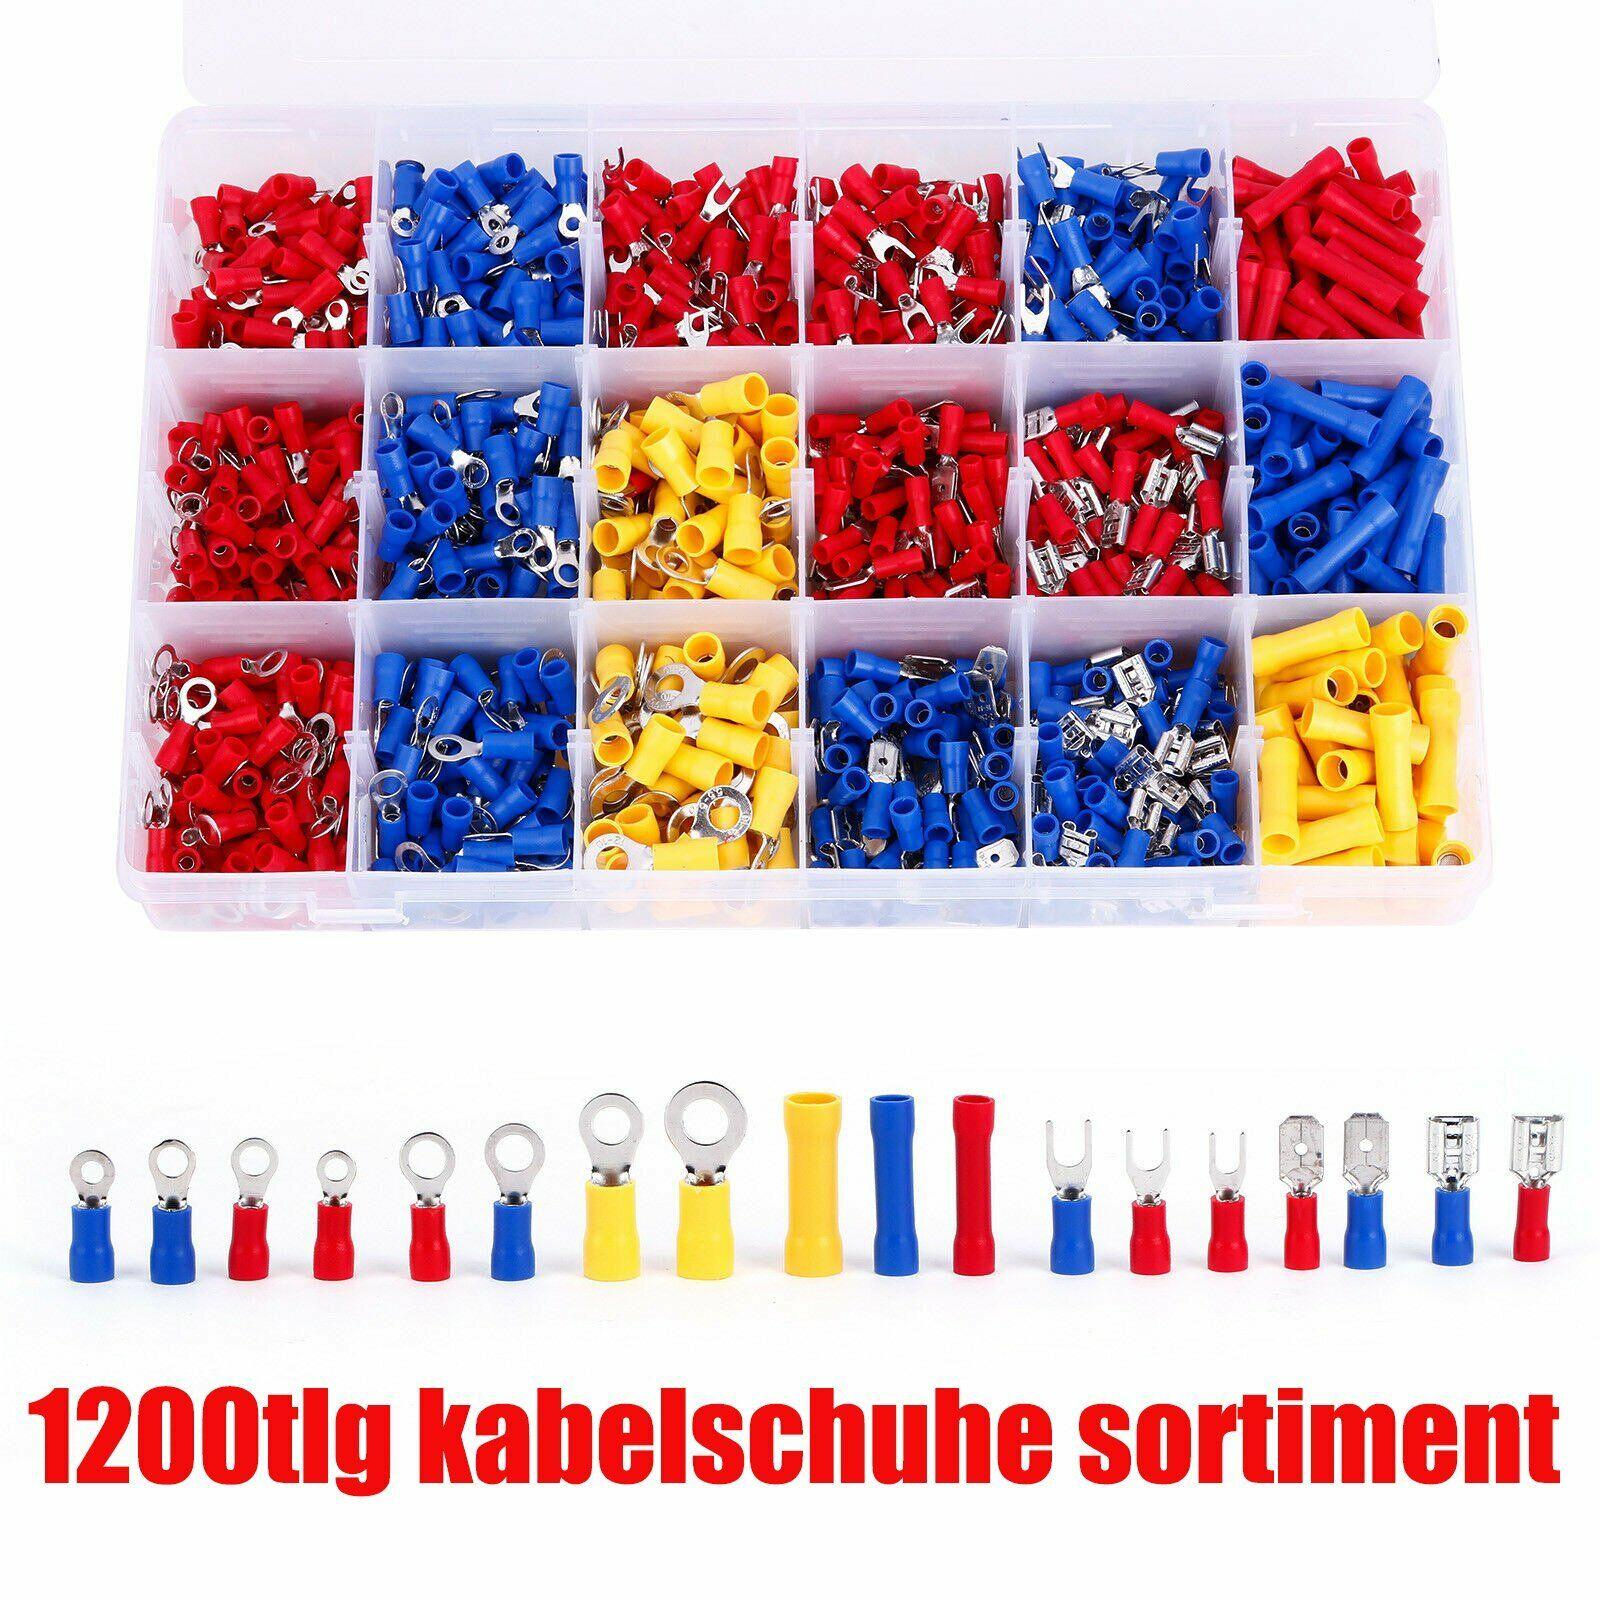 kabelschuhe Sortiment Box Flachkabelschuhe Gabelkabelschuhe Rundstecker 1200 Pcs